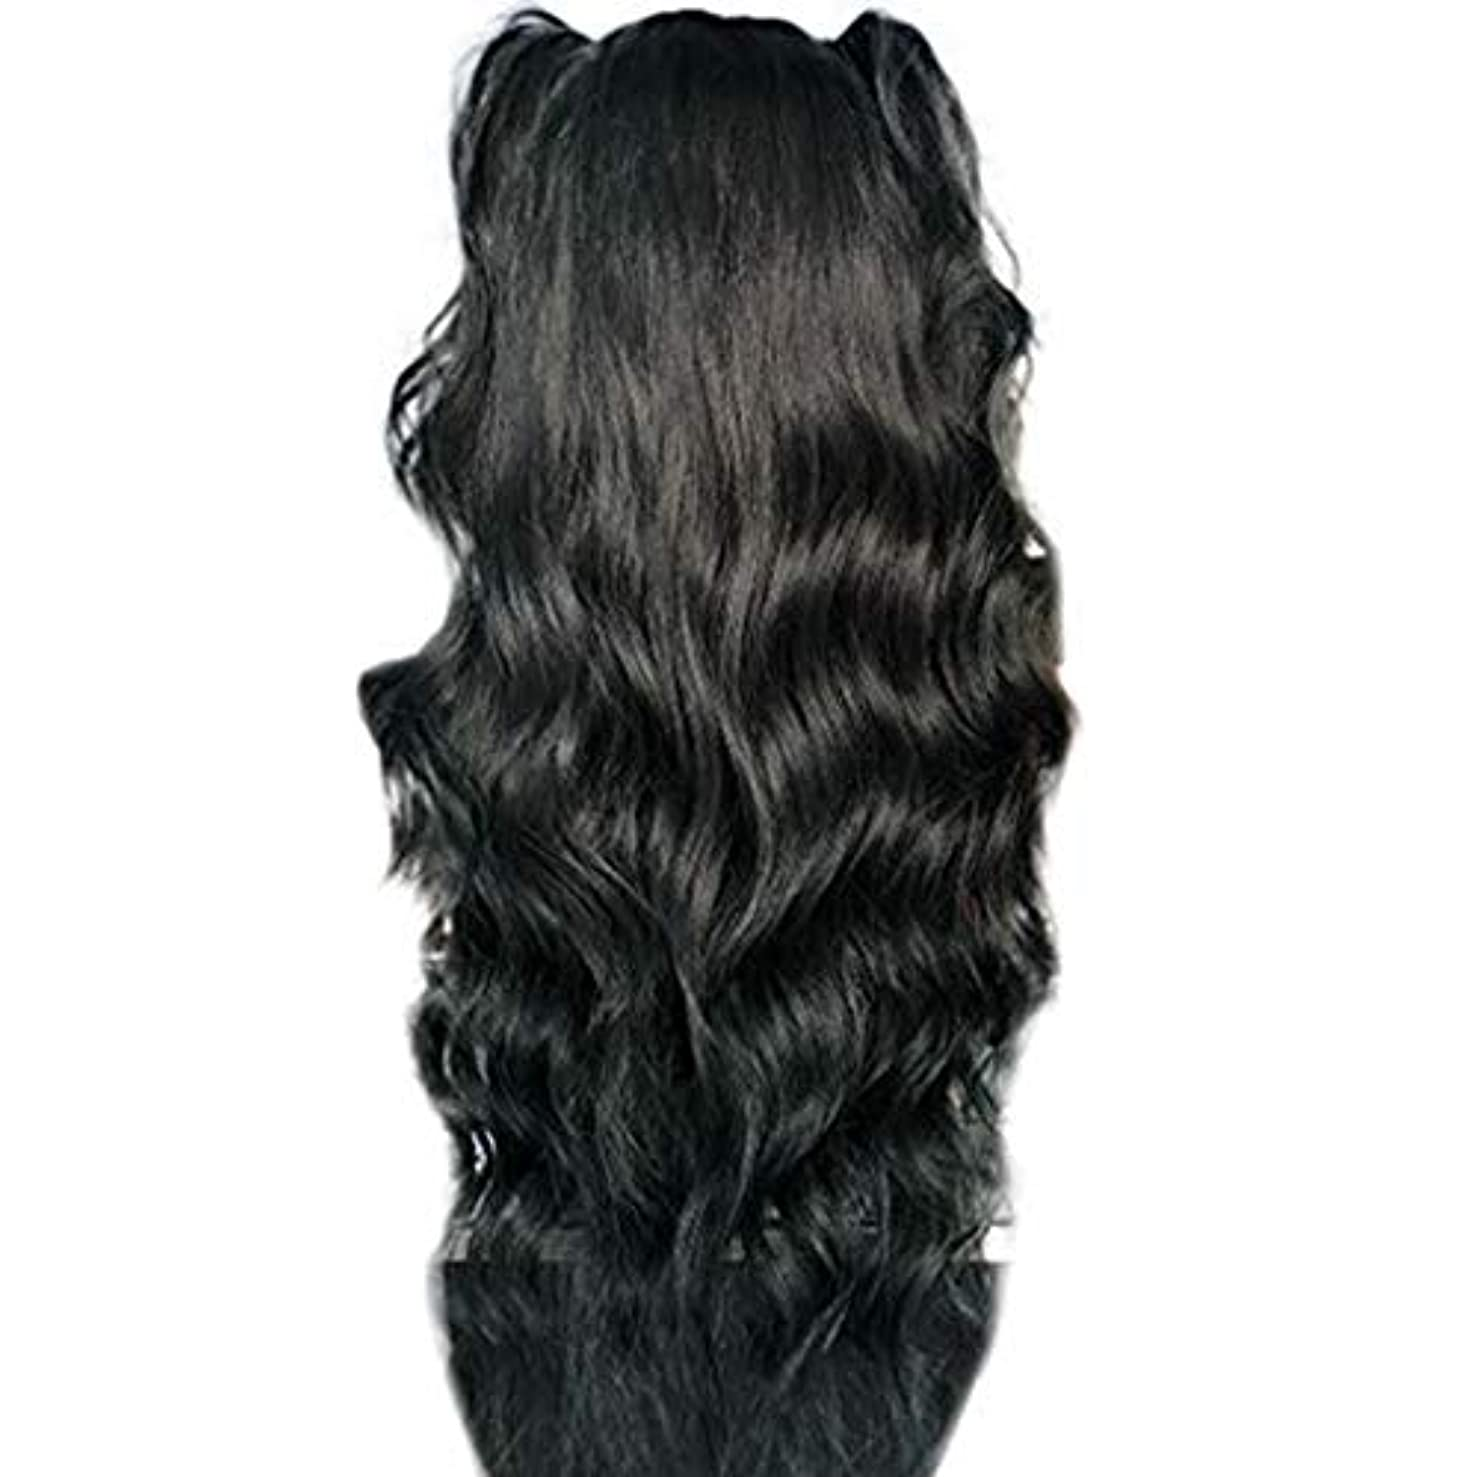 バッジ現実には硬化するかつら女性長い巻き毛の化学繊維高温シルクフロントレースかつら26インチ